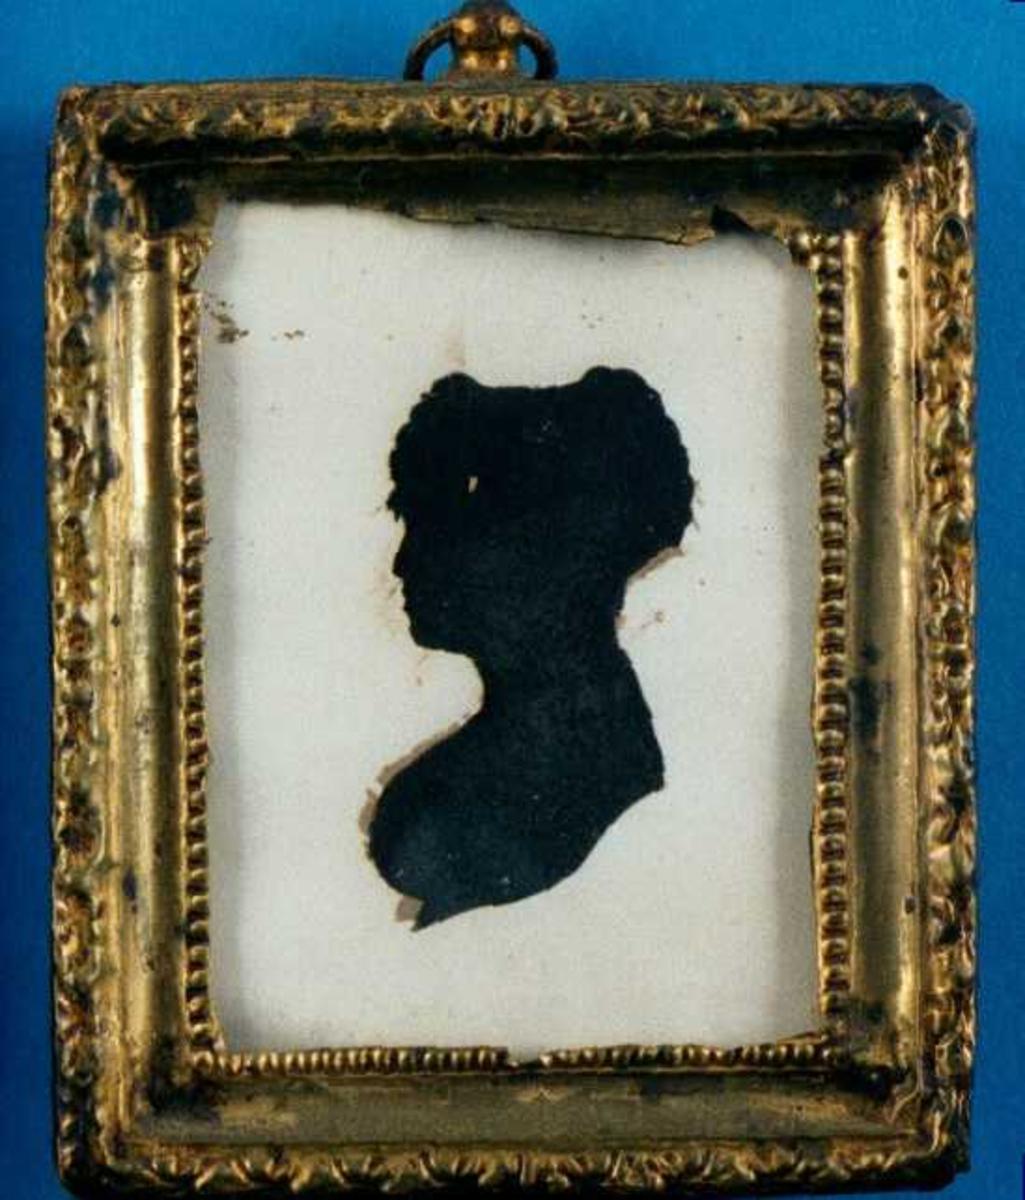 Portrett av ung kvinne. Silhouett. Profil venstre, rund barm krøllet hår over pannen, stor flat chignon (flettet?), nedskåret bue over isse